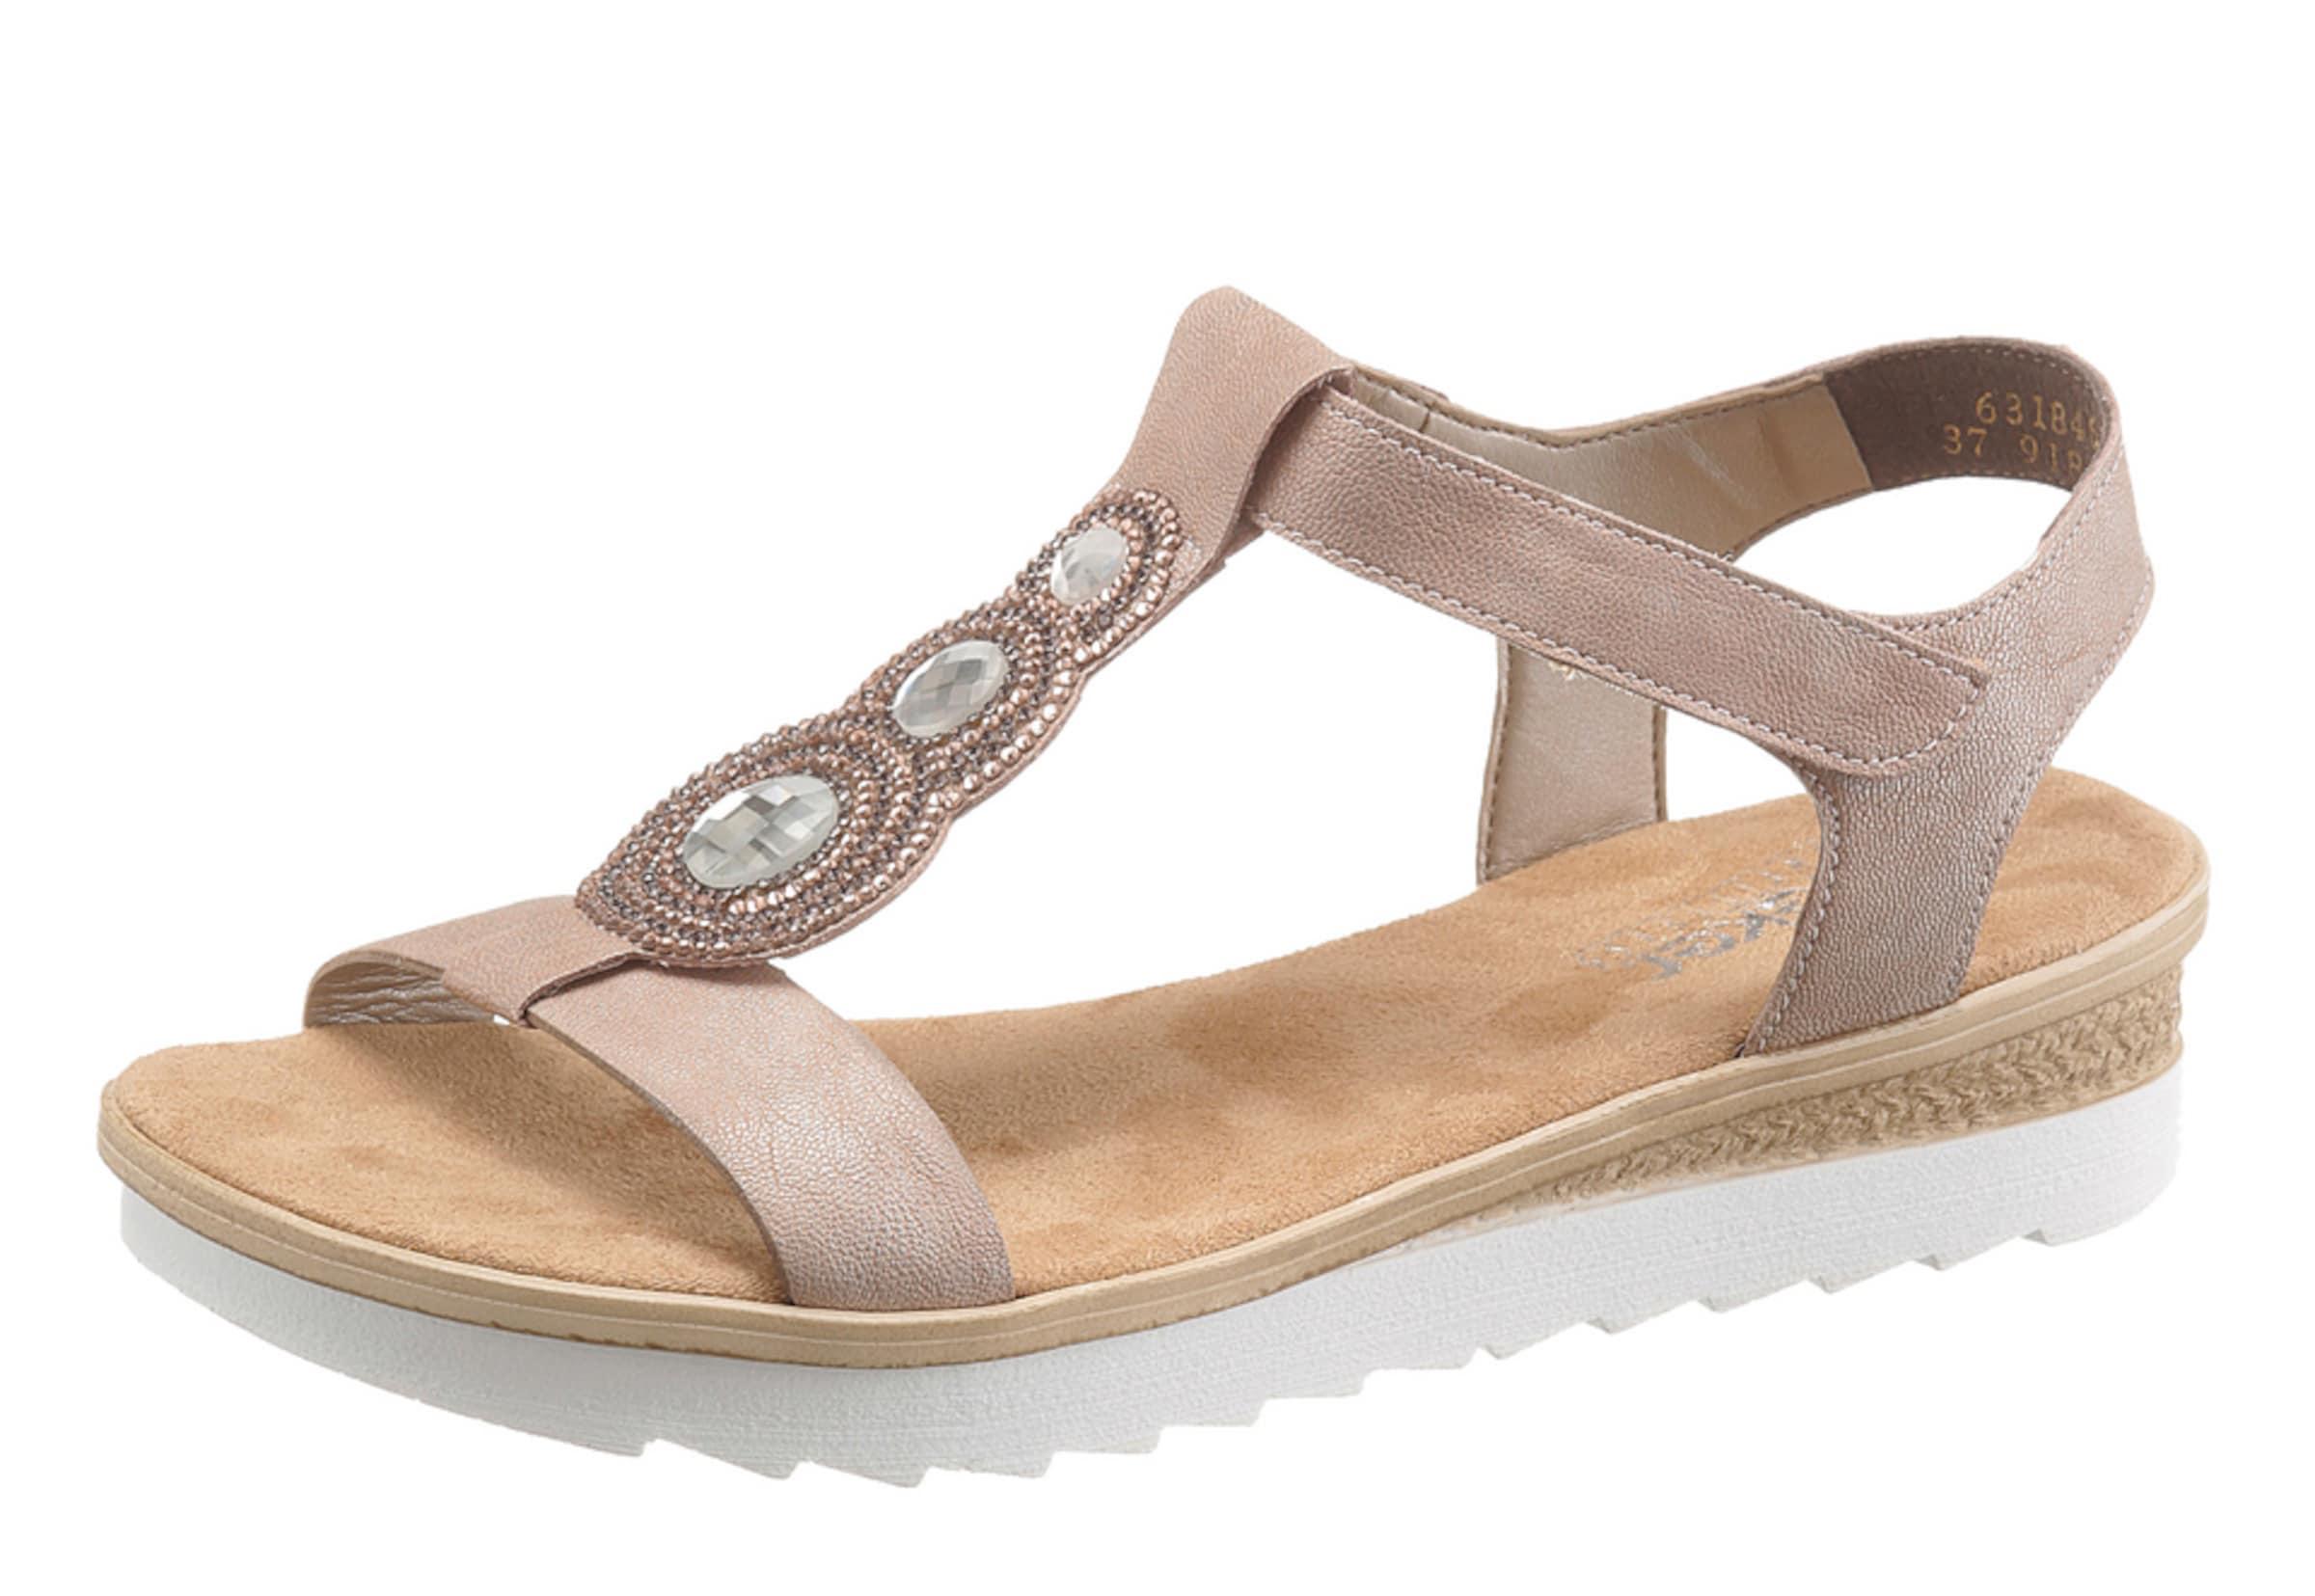 RIEKER Sandalette Günstige und langlebige Schuhe